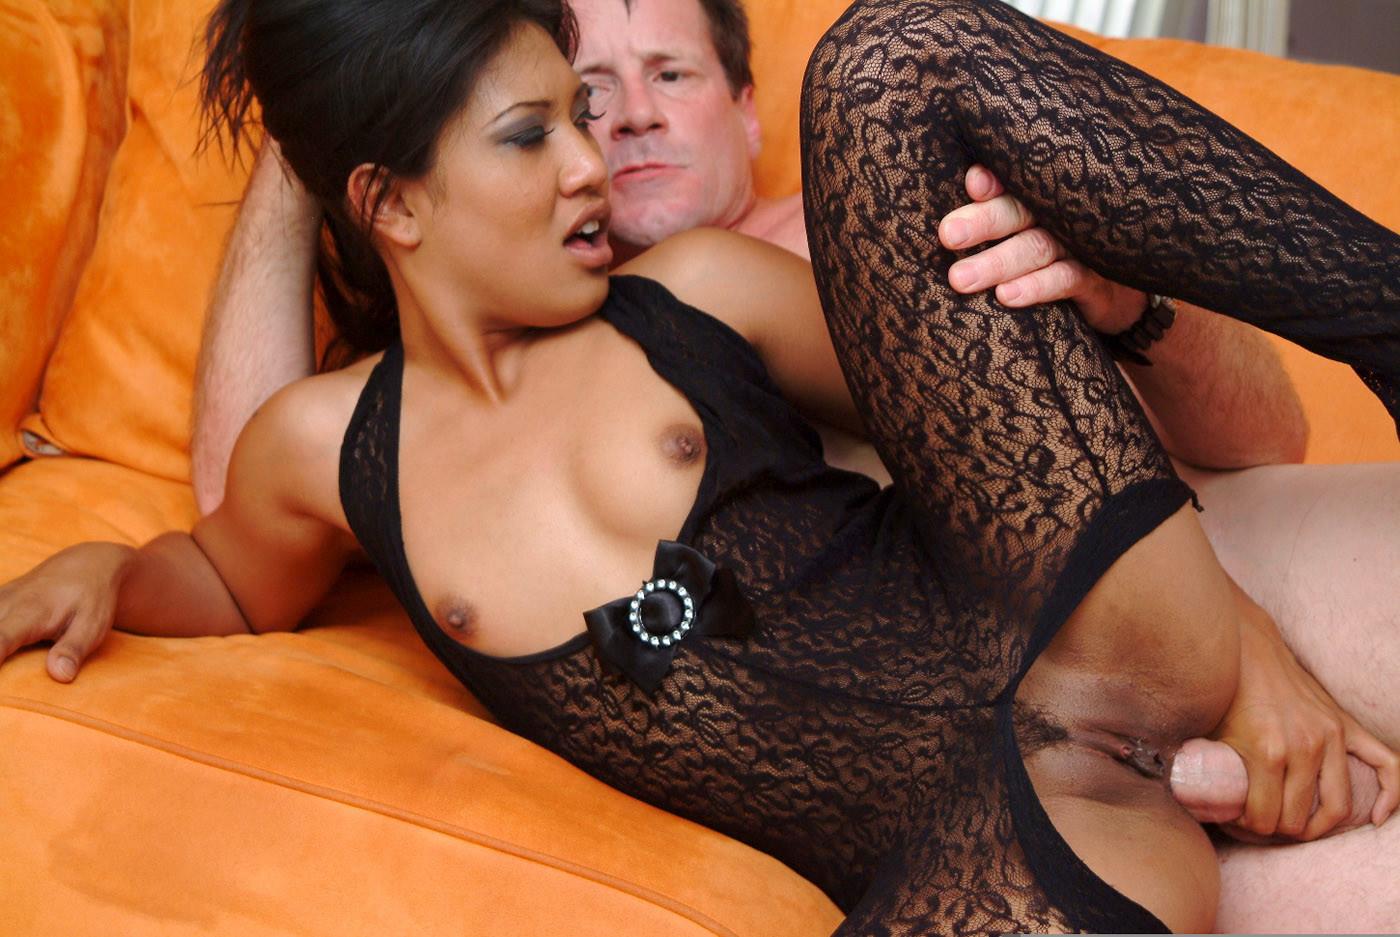 Лайла Леи дала в жопу